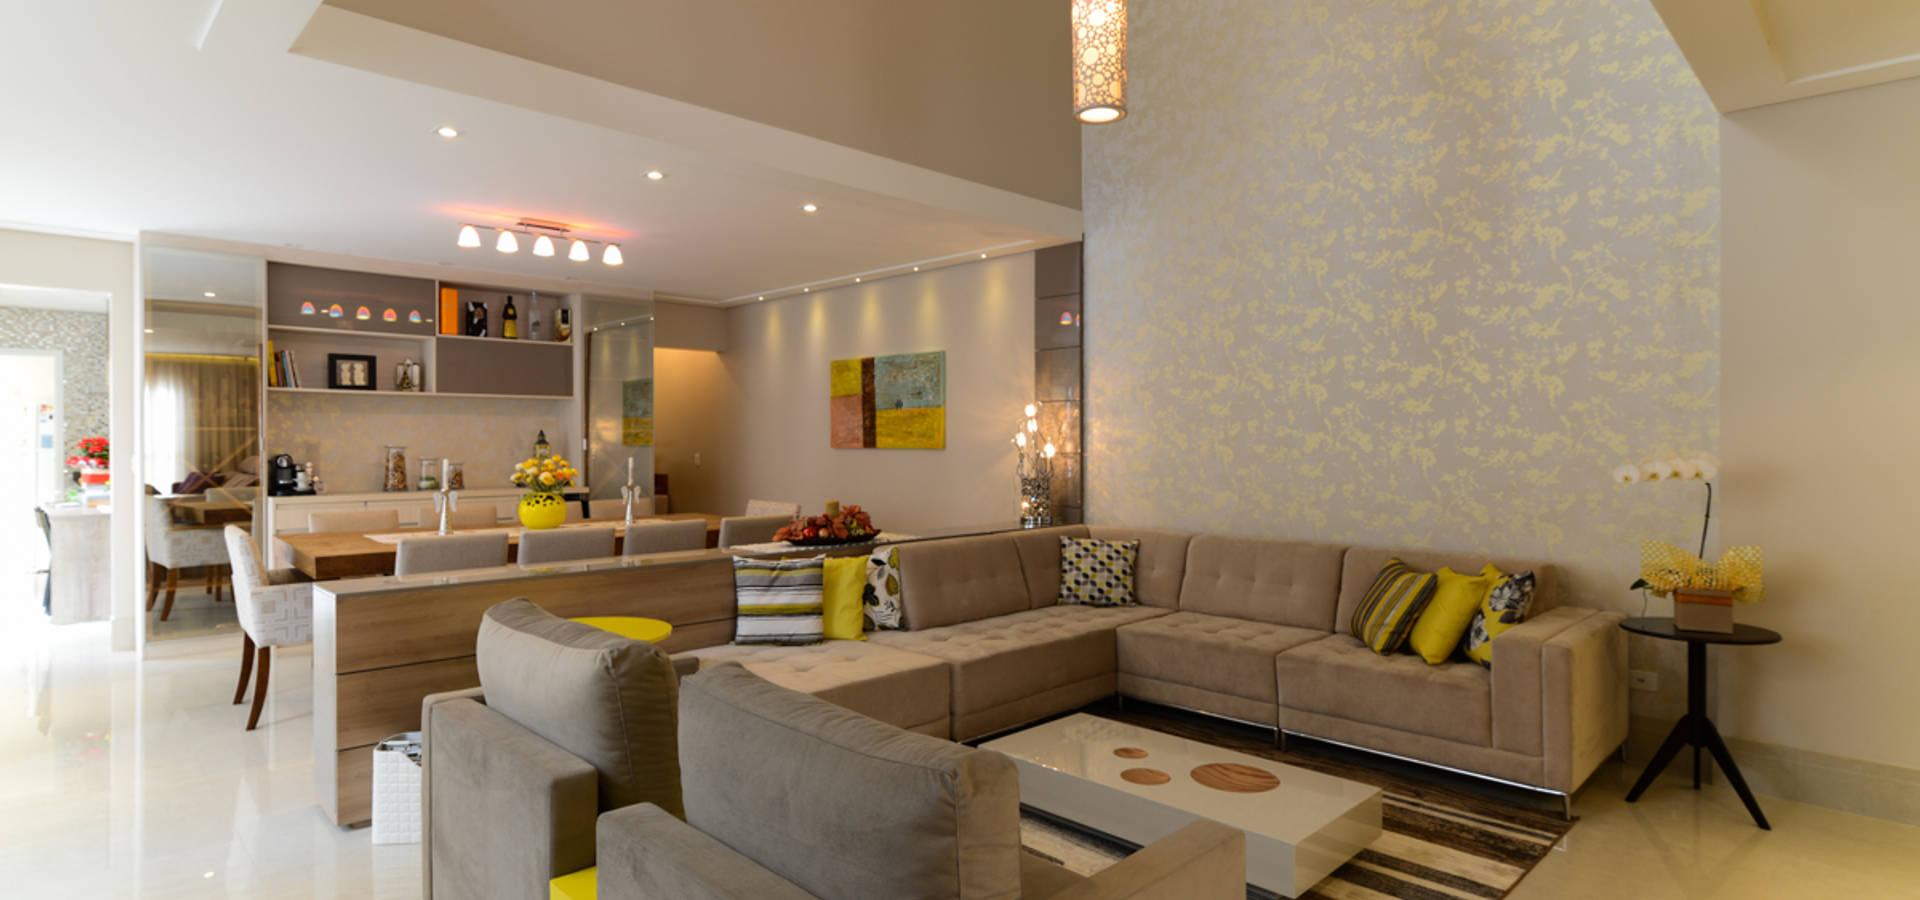 LAM Arquitetura   Interiores